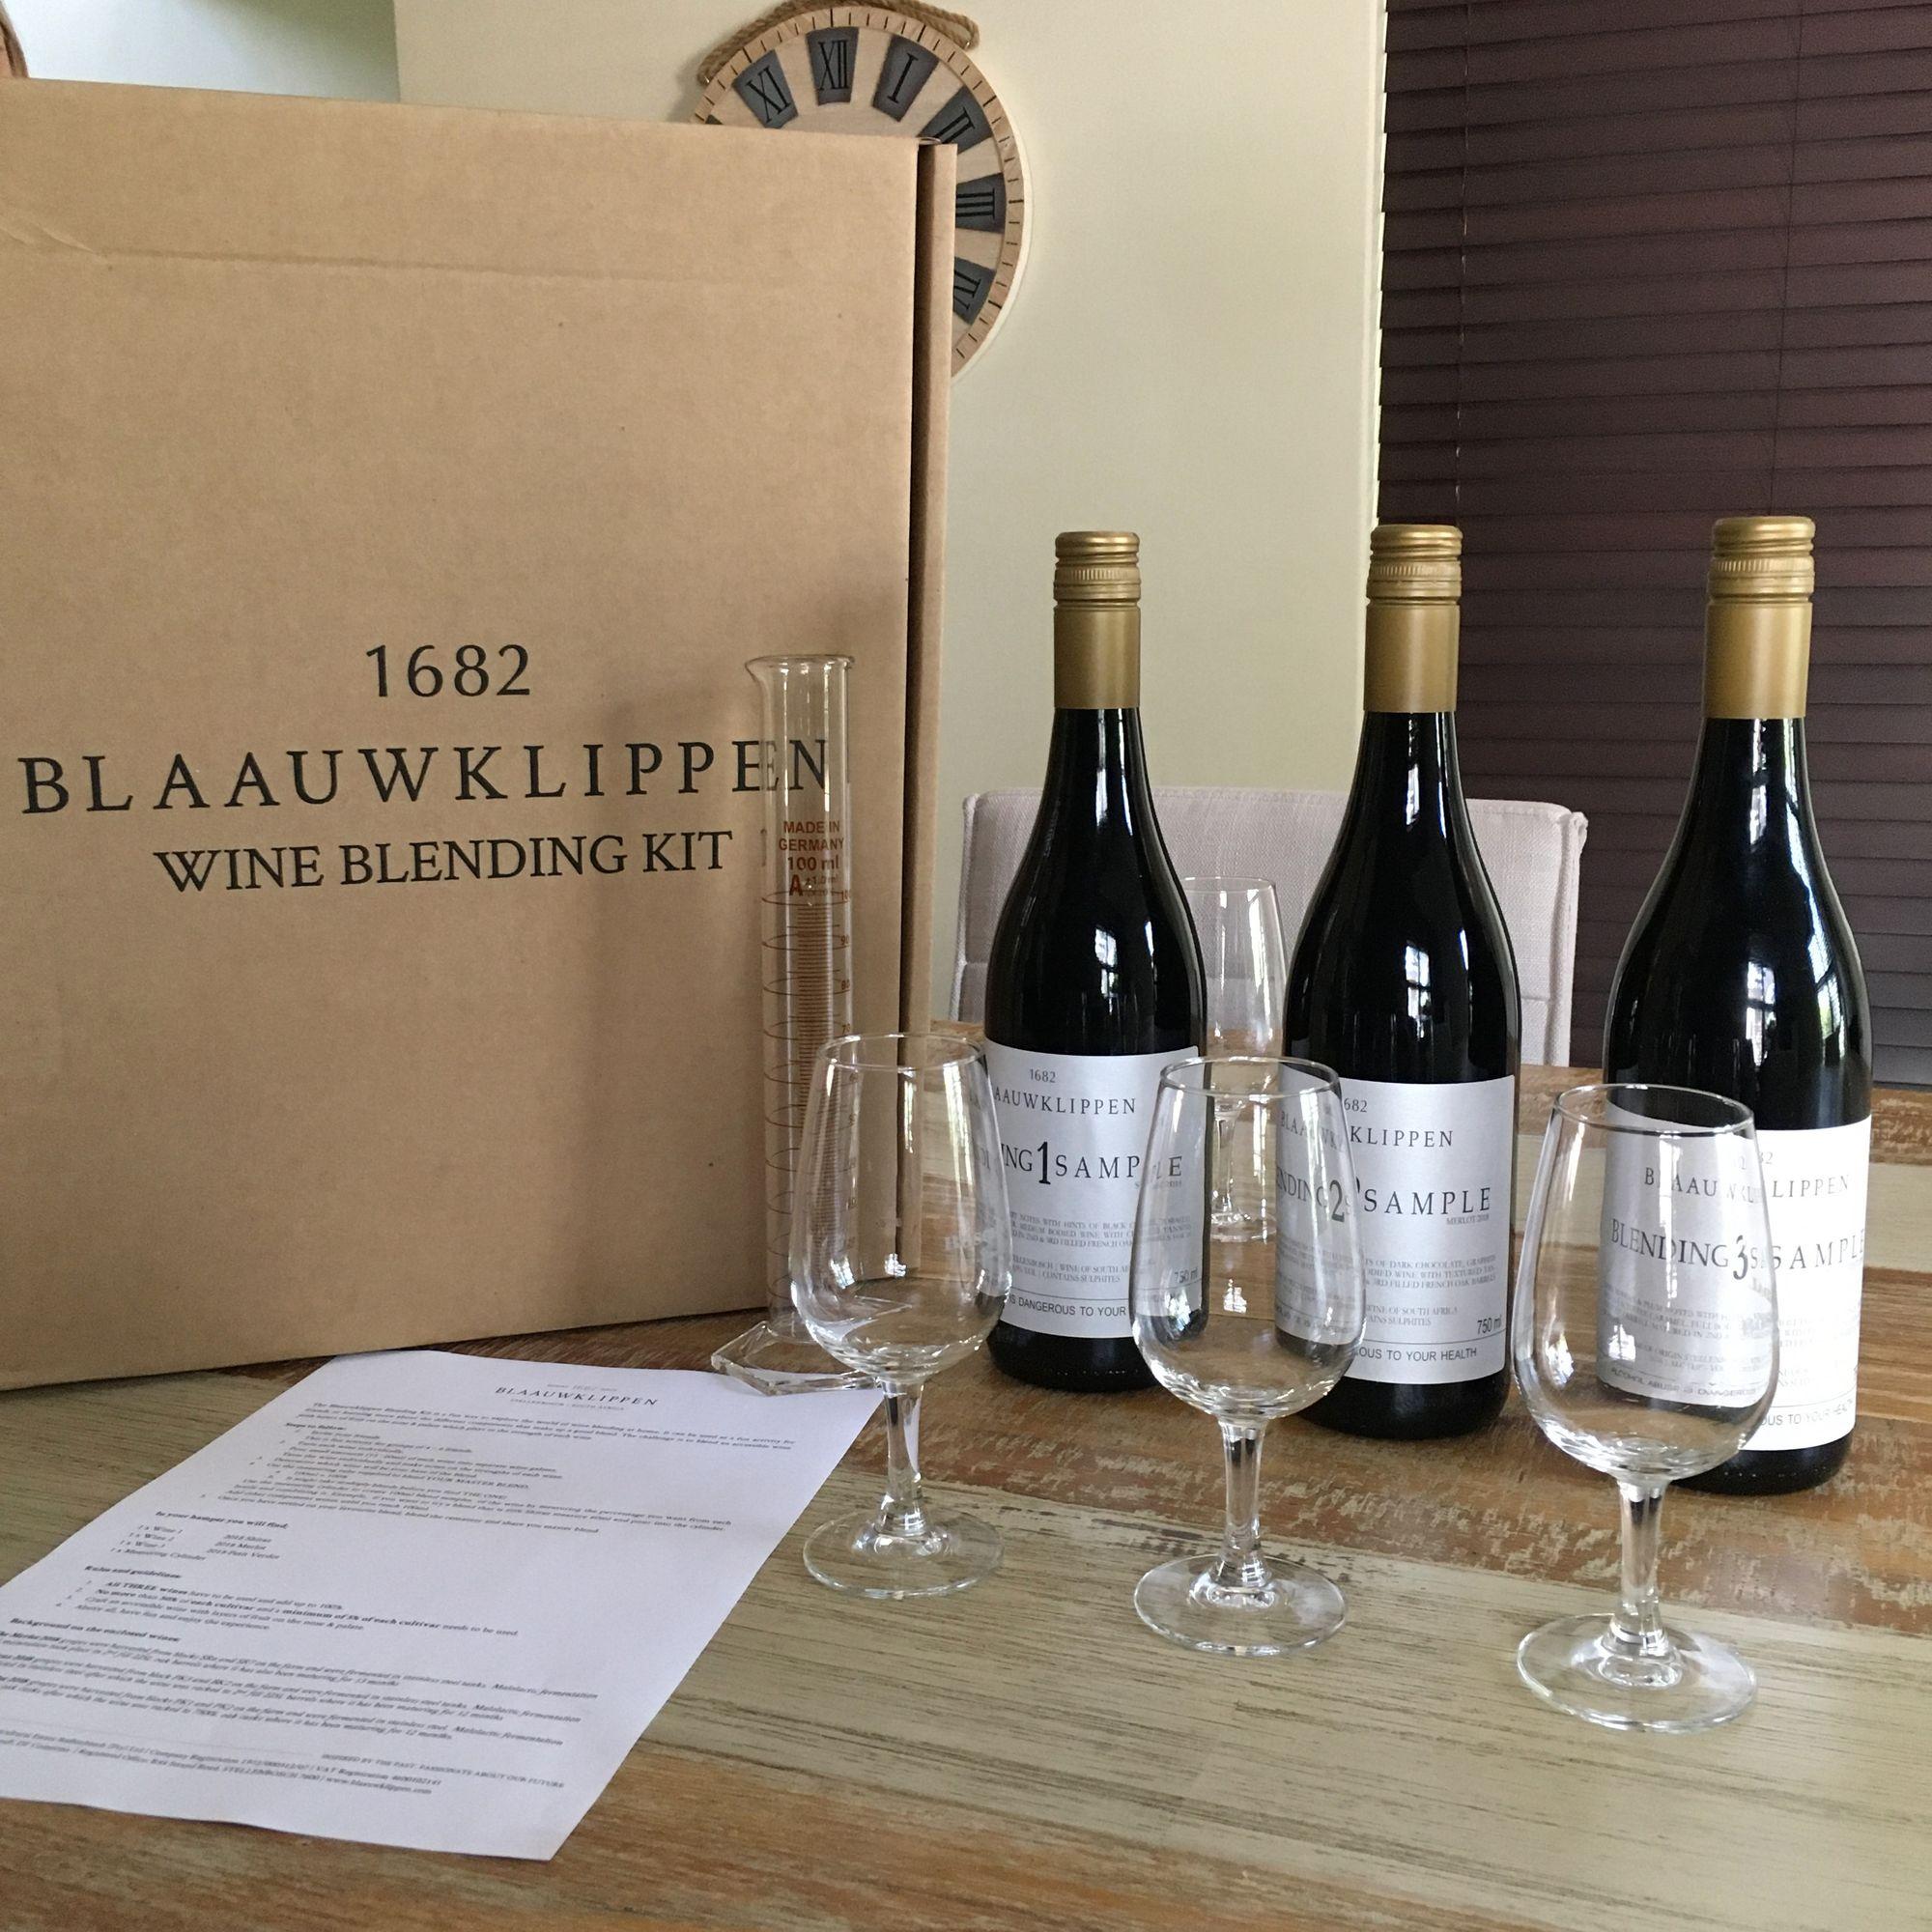 Blaauwklippen Wine Blending Kit base wines